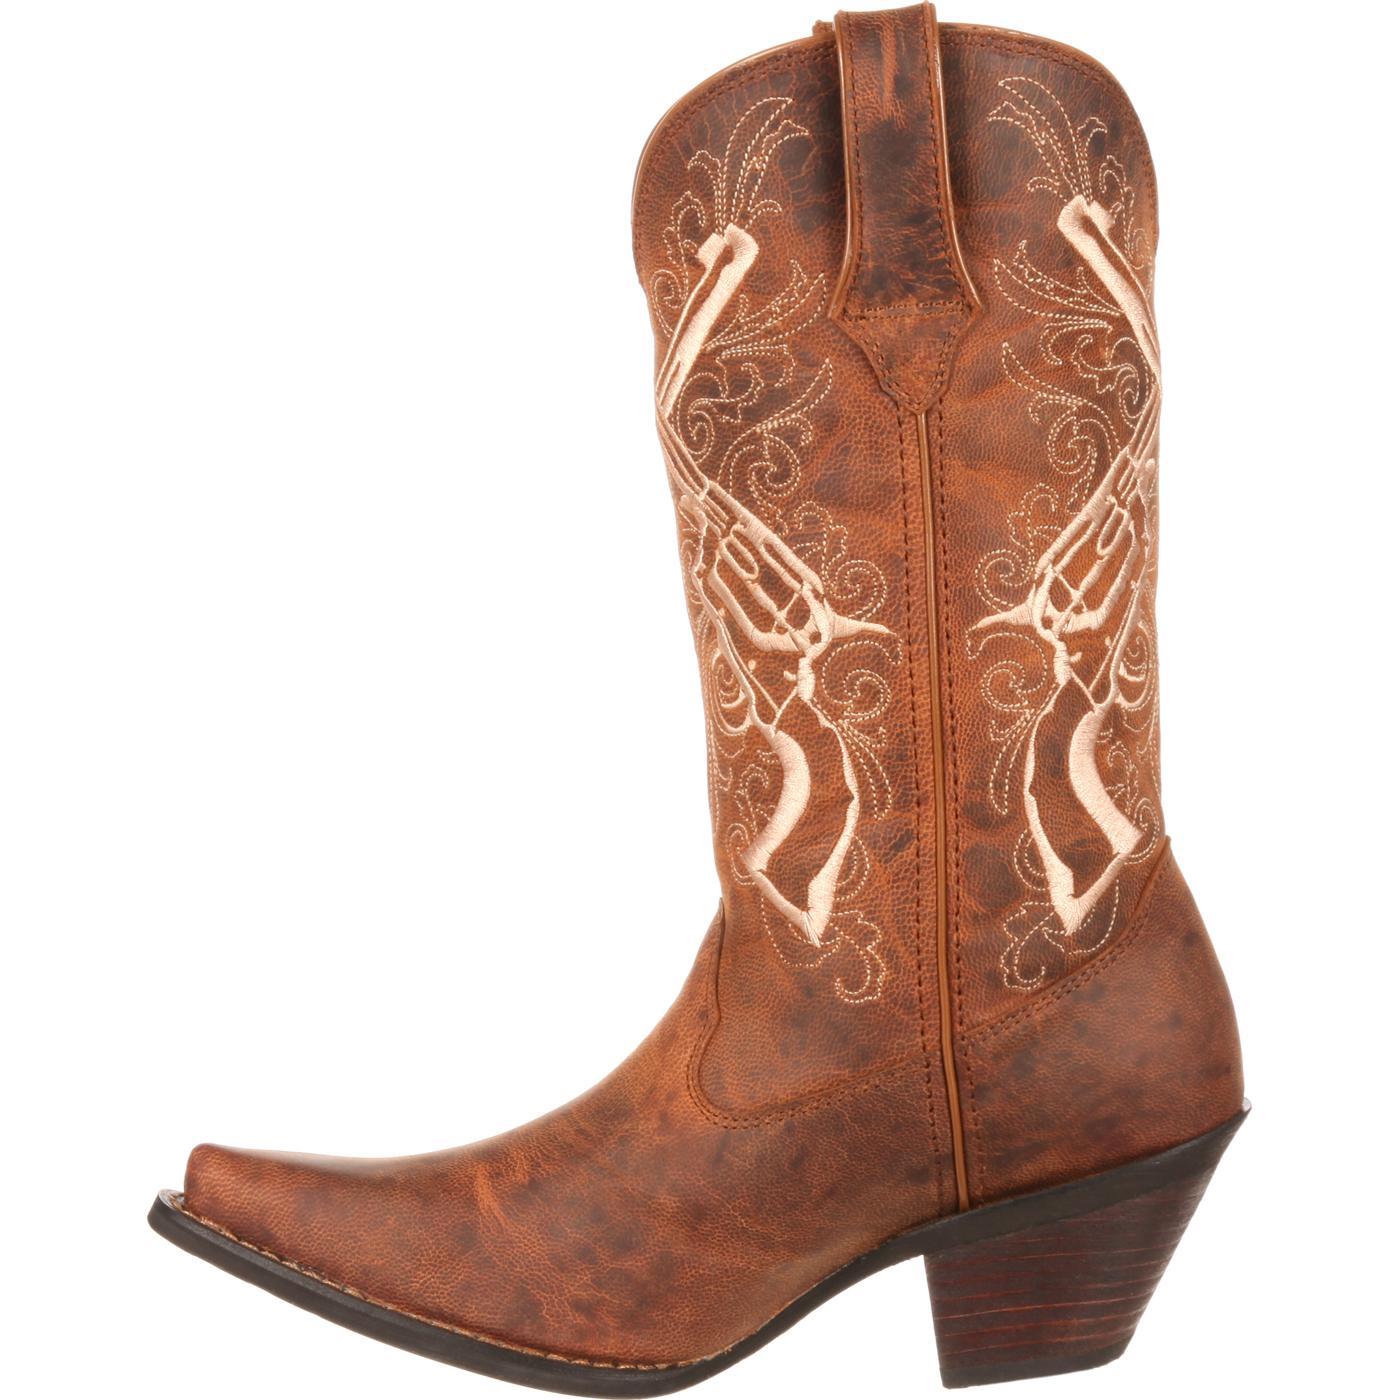 Crush by Durango Boot: Women's Crossed Guns Western Boot